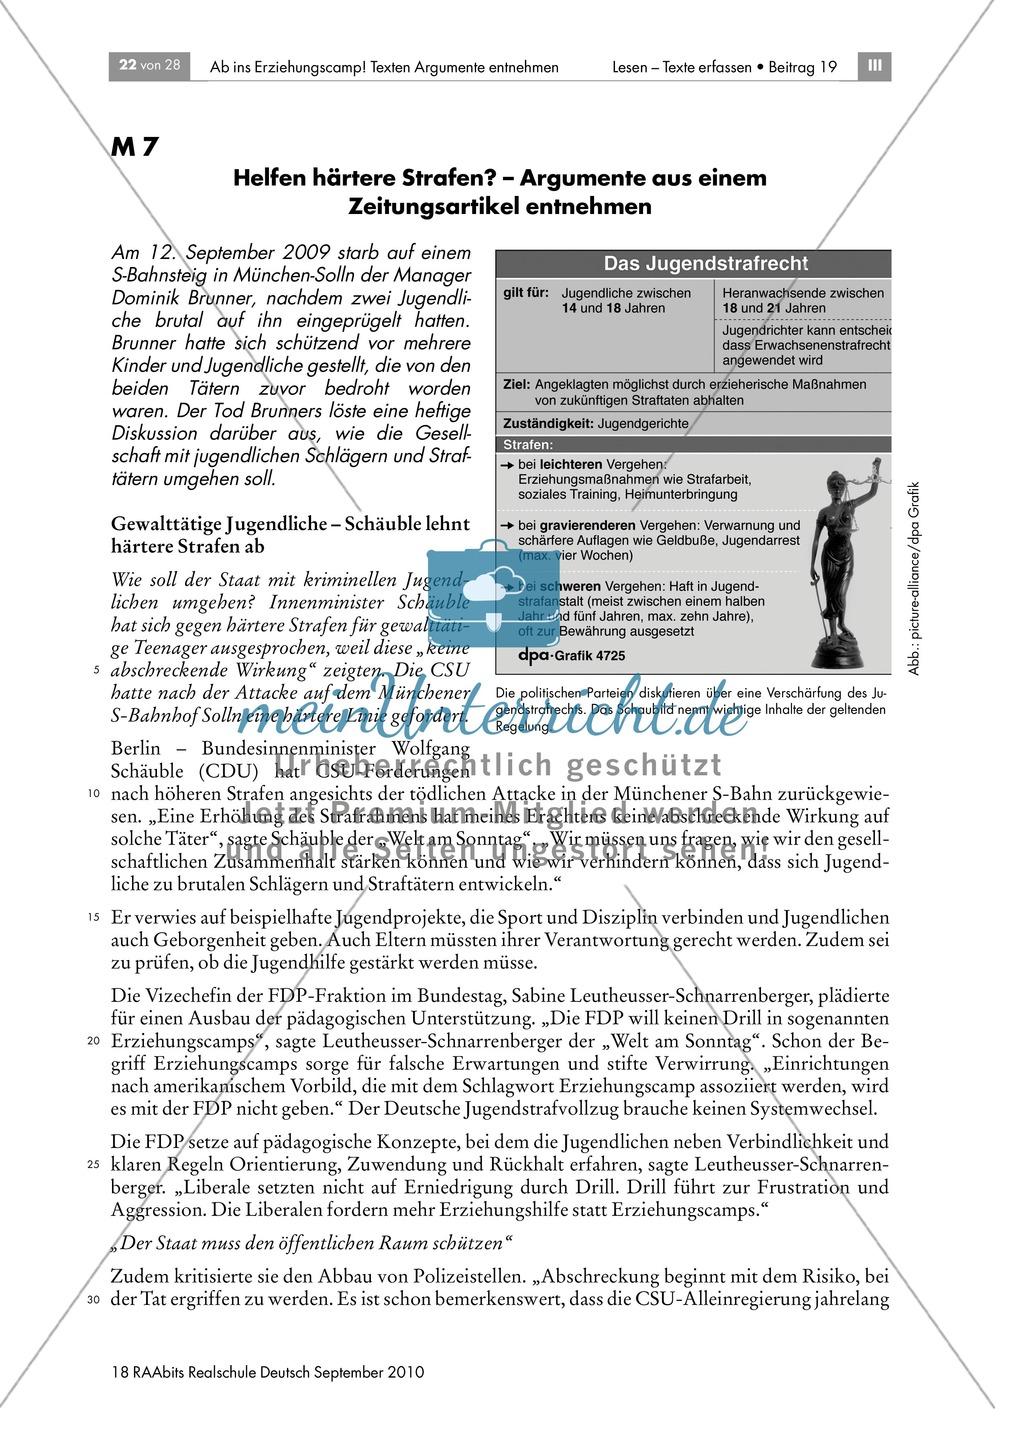 Thema Jugendstrafrecht: Argumente der politischen Diskussion erschließen und diskutieren Preview 0